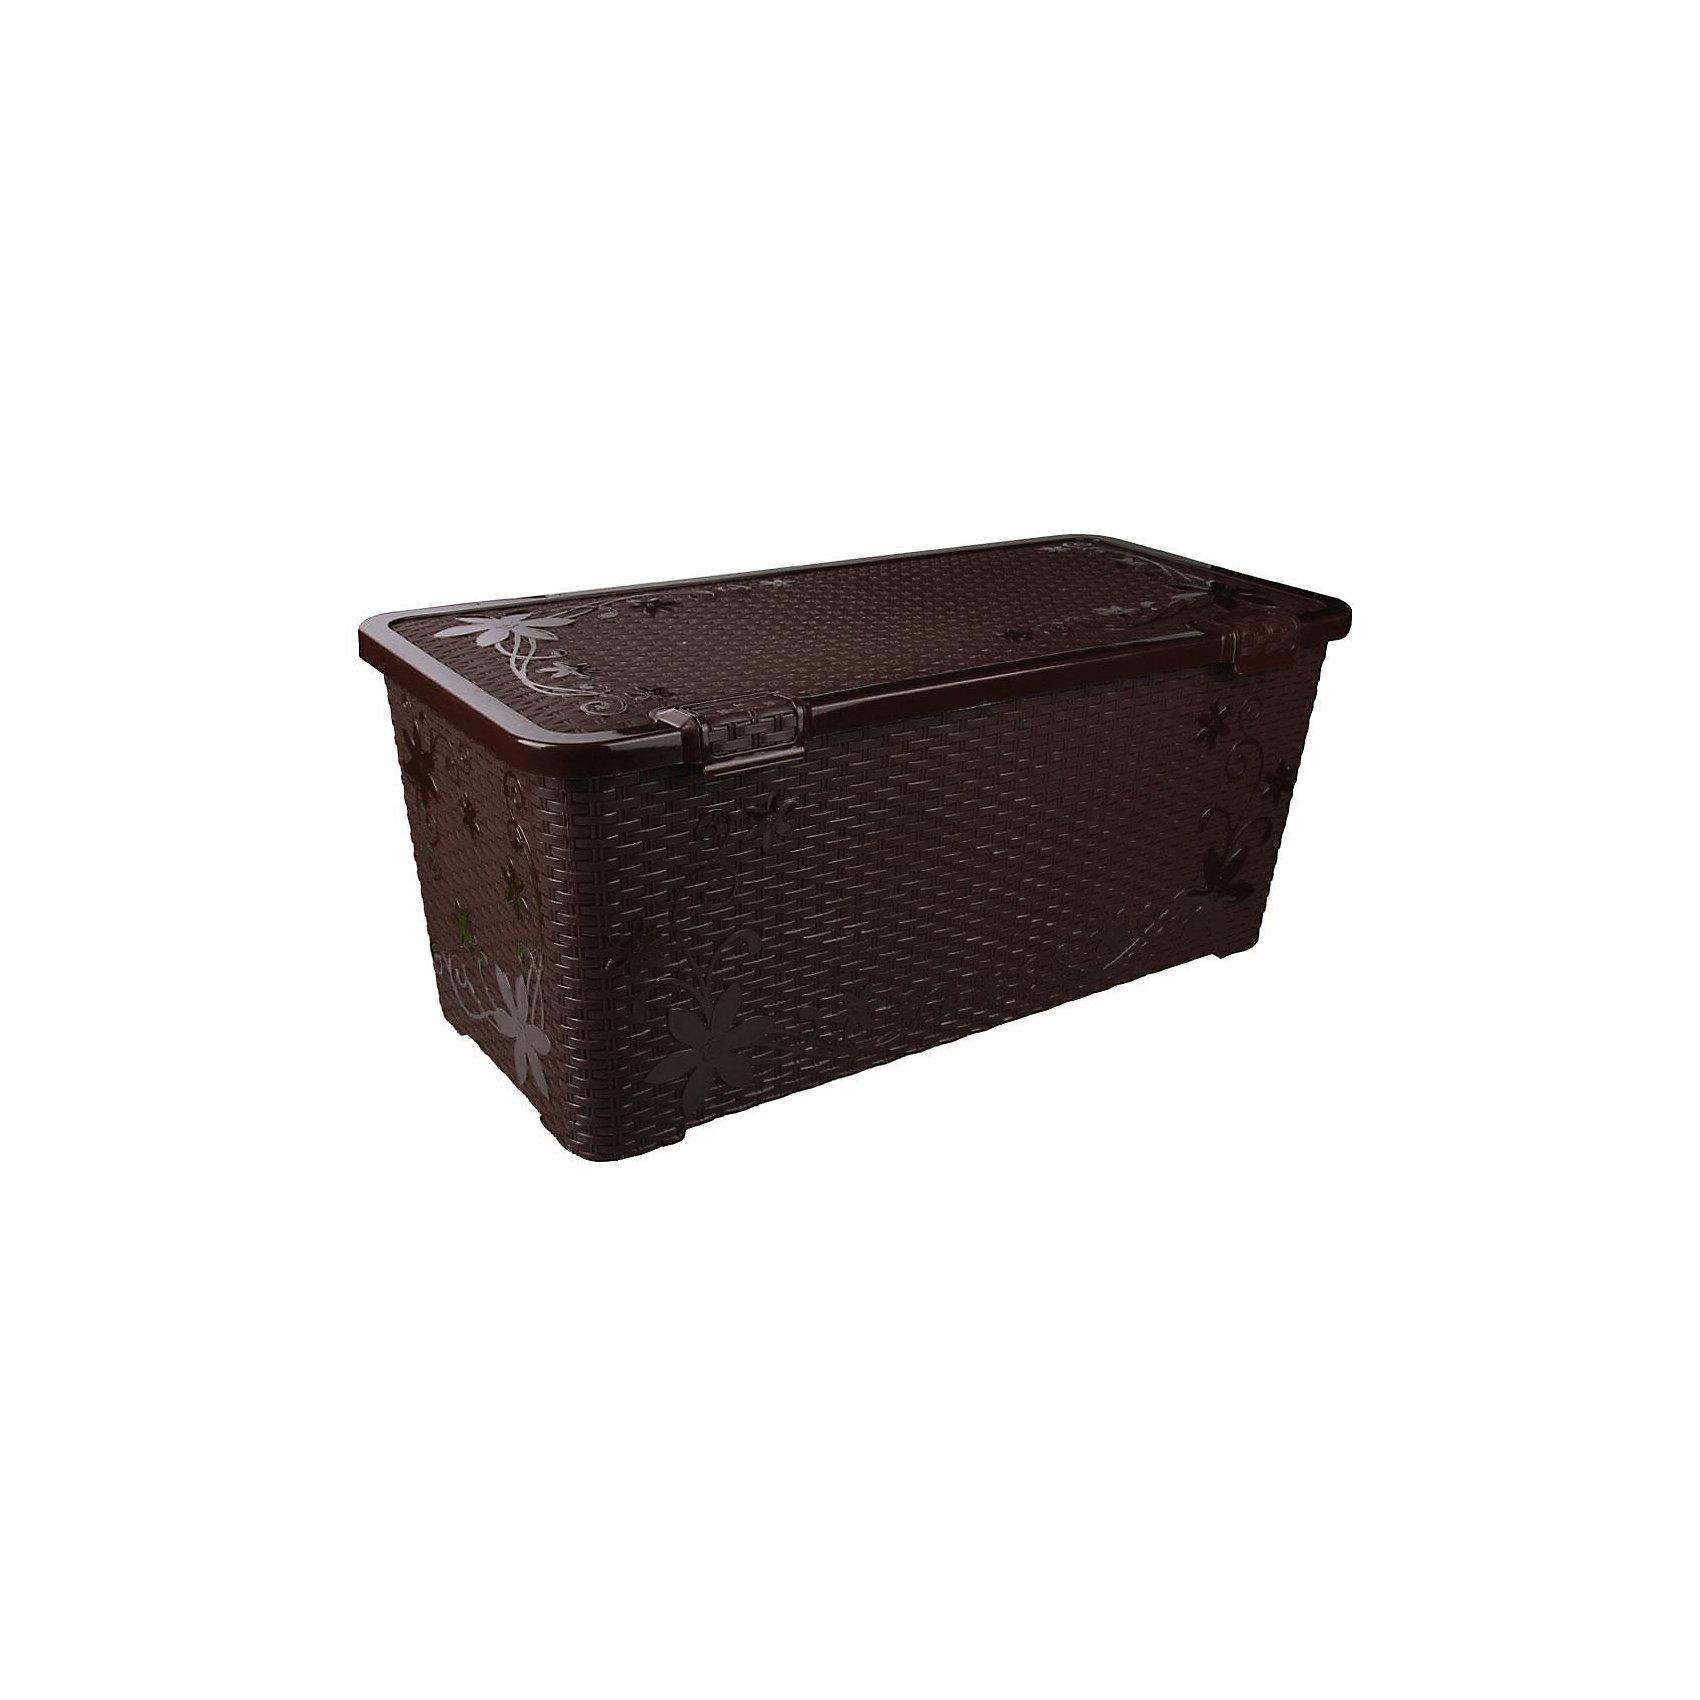 Контейнер Плетёнка 100 л. с крышкой, Alternativa, тёмно-коричневыйПорядок в детской<br>Характеристики:<br><br>• Предназначение: для хранения игрушек, для хозяйственных нужд<br>• Цвет: зима<br>• Материал: пластик<br>• Цвет: тёмно-коричневый<br>• Размер (Д*Ш*В): 86*41,5*37 см<br>• Вместимость (объем): 100 л<br>• Форма: прямоугольный<br>• Наличие крышки <br>• Особенности ухода: разрешается мыть теплой водой<br><br>Контейнер Плетёнка 100 л. с крышкой, Alternativa, тёмно-коричневый изготовлен отечественным производителем ООО ЗПИ Альтернатива, который специализируется на выпуске широкого спектра изделий из пластика. Контейнер выполнен из экологически безопасного пластика, устойчивого к механическим повреждениям, корпус оформлен имитацией плетенки, в комплекте имеется крышка. Изделие можно использовать как для хранения игрушек, так и для разных хозяйственных нужд. Контейнер Плетёнка 100 л. с крышкой, Alternativa, тёмно-коричневый вместительный, но при этом обладает легким весом.<br><br>Контейнер Плетёнка 100 л. с крышкой, Alternativa, тёмно-коричневый можно купить в нашем интернет-магазине.<br><br>Ширина мм: 862<br>Глубина мм: 415<br>Высота мм: 370<br>Вес г: 3035<br>Возраст от месяцев: 6<br>Возраст до месяцев: 84<br>Пол: Унисекс<br>Возраст: Детский<br>SKU: 5096564